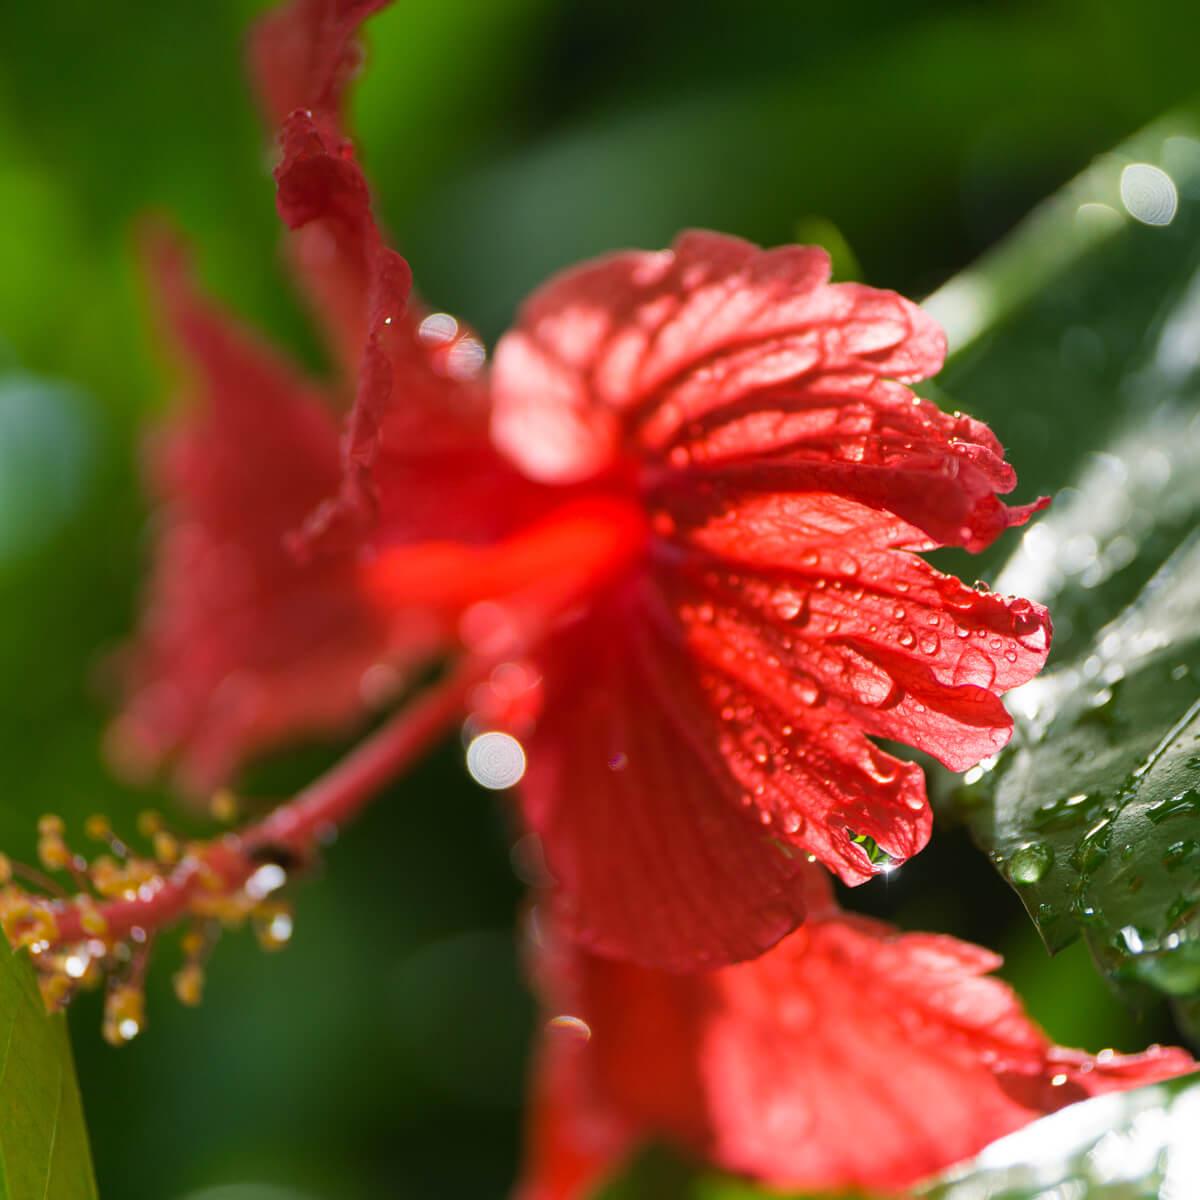 屋久島のハイビスカス 雨のしずく 屋久島花とジュエリー オーダーメイドマリッジリングのモチーフ